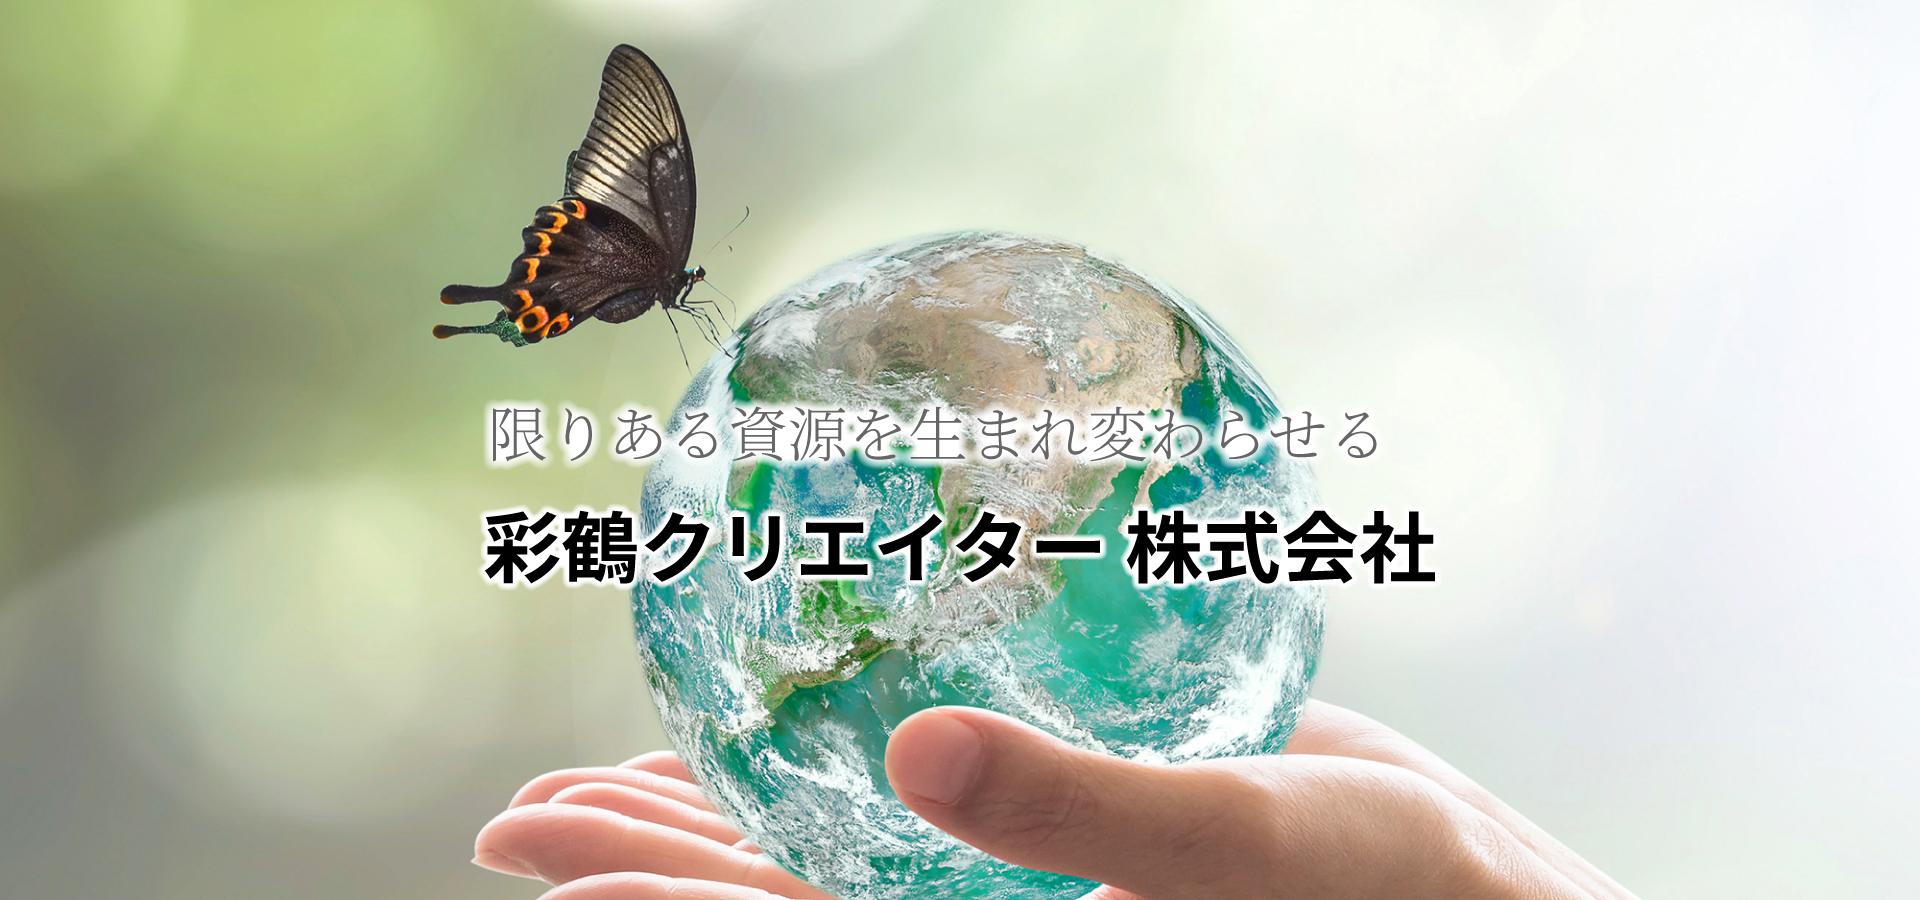 限りある資源を生まれ変わらせる|彩鶴クリエイター株式会社